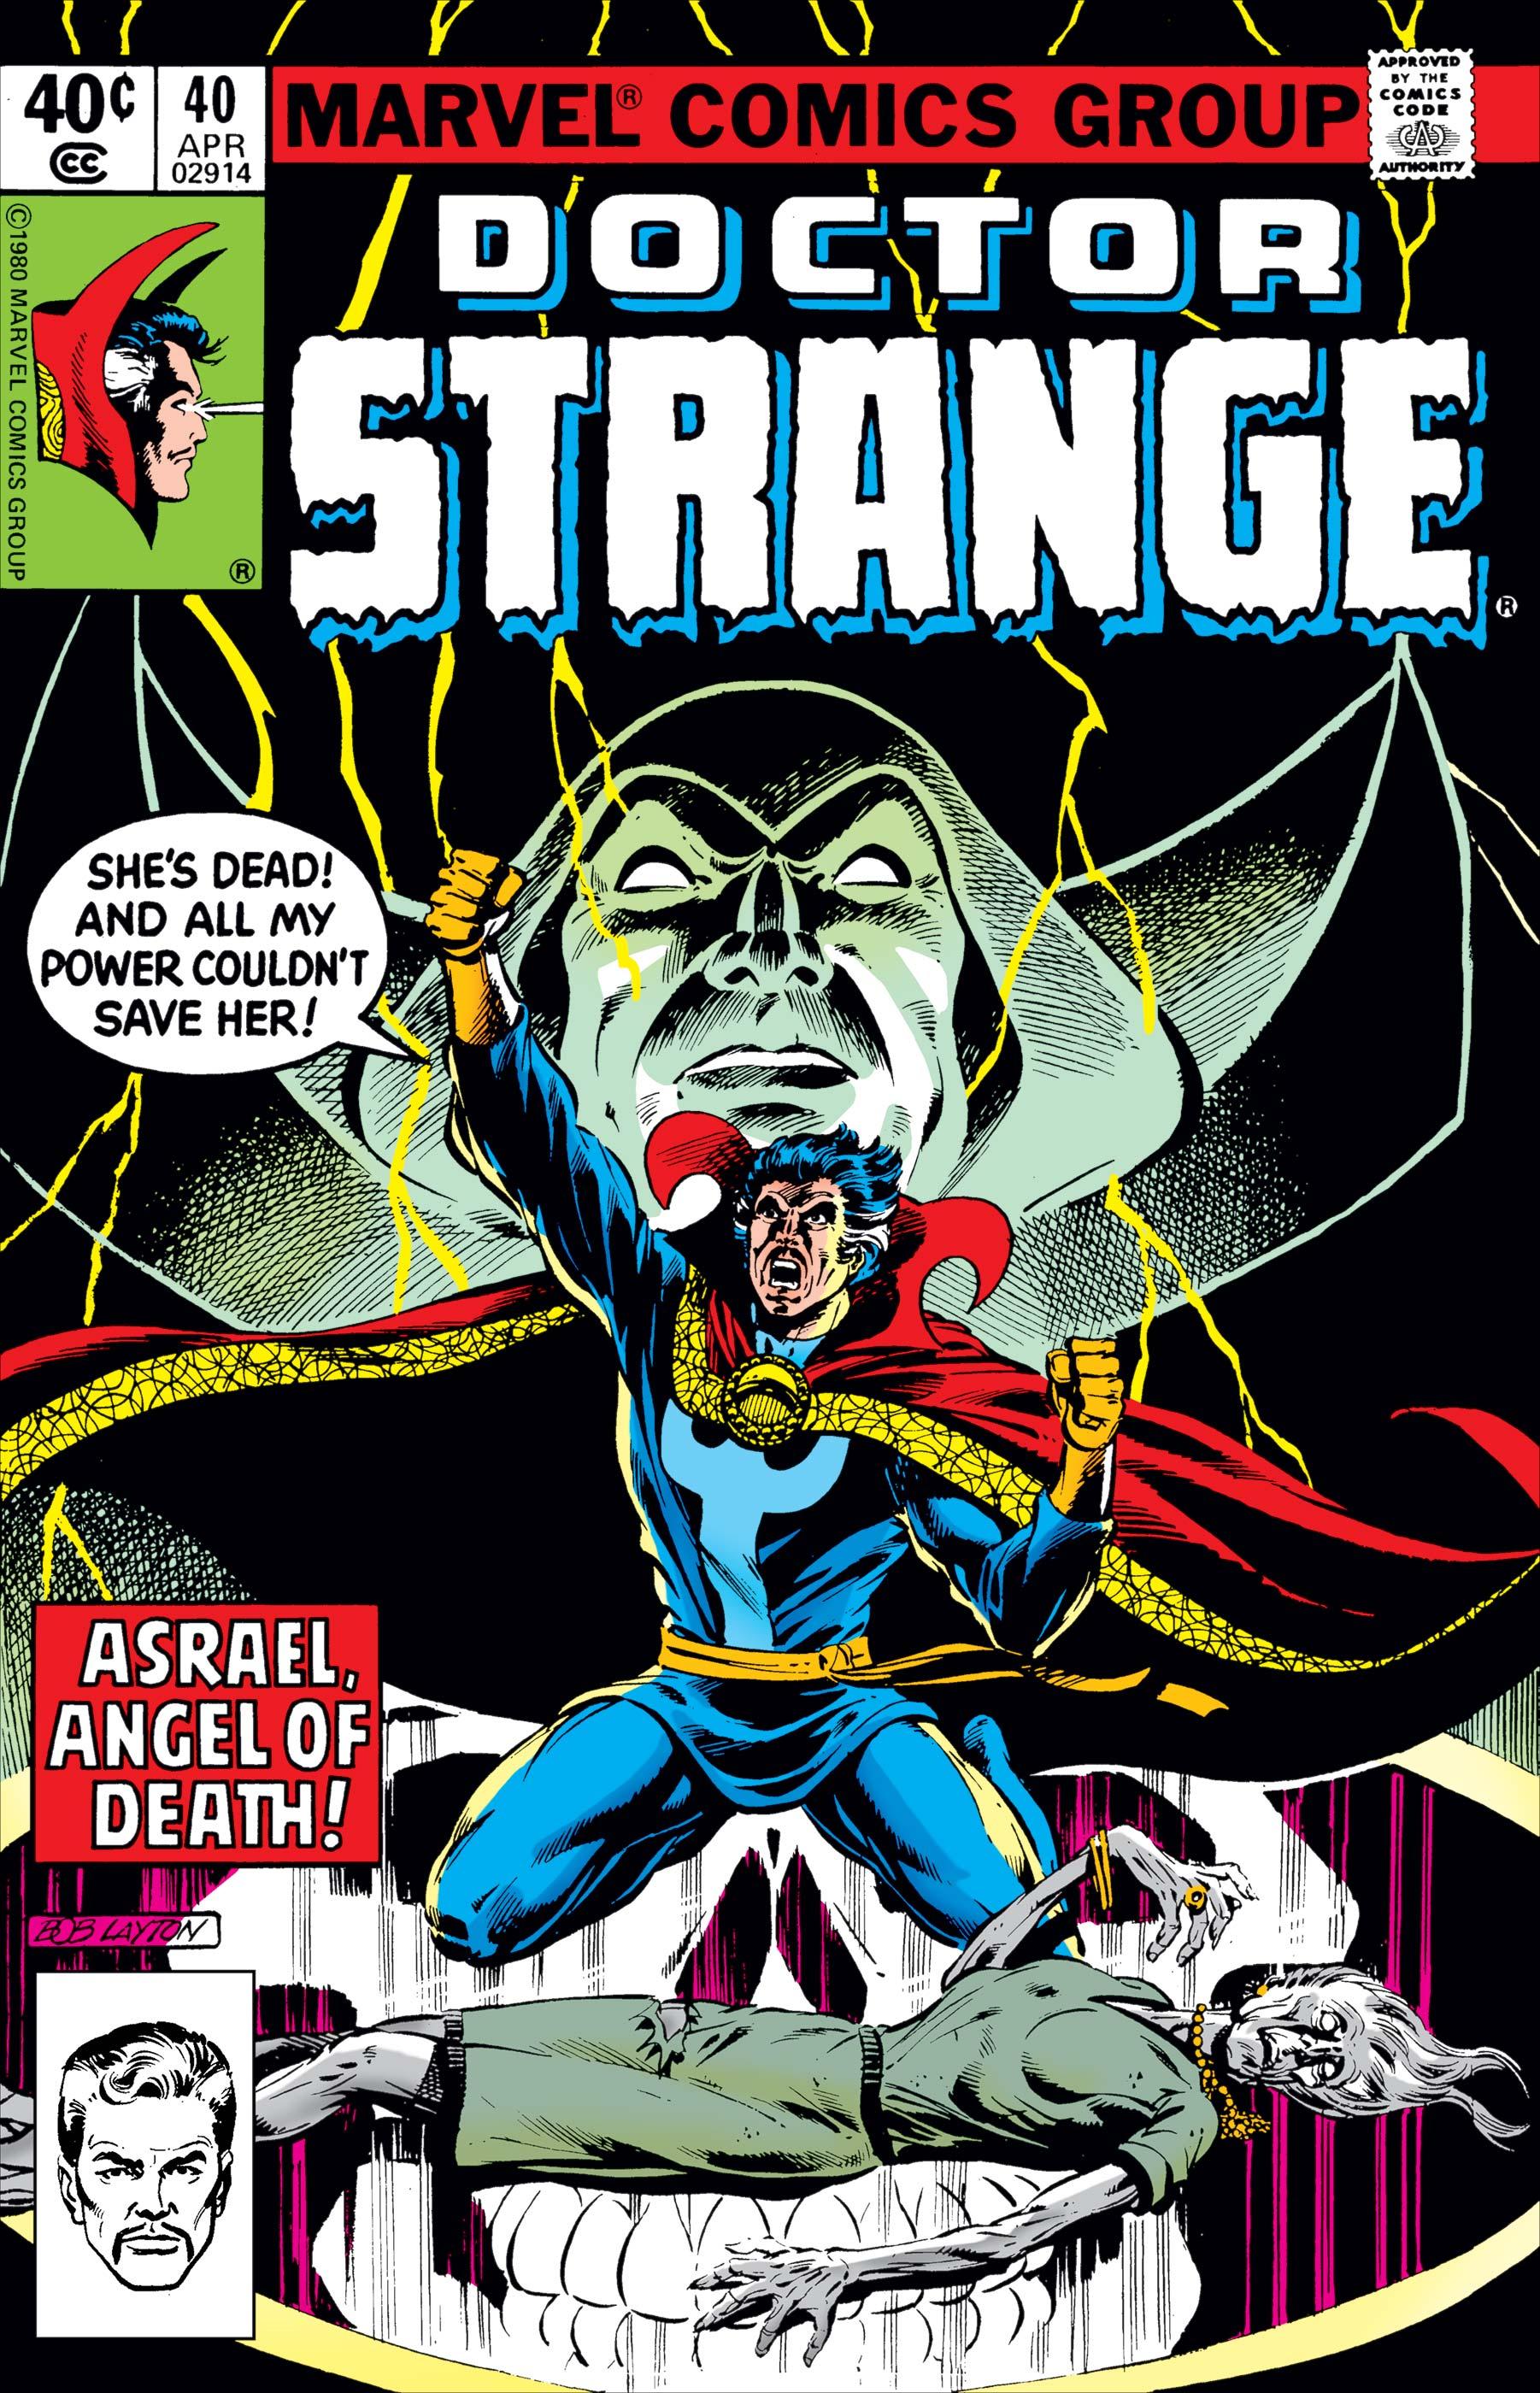 Doctor Strange (1974) #40